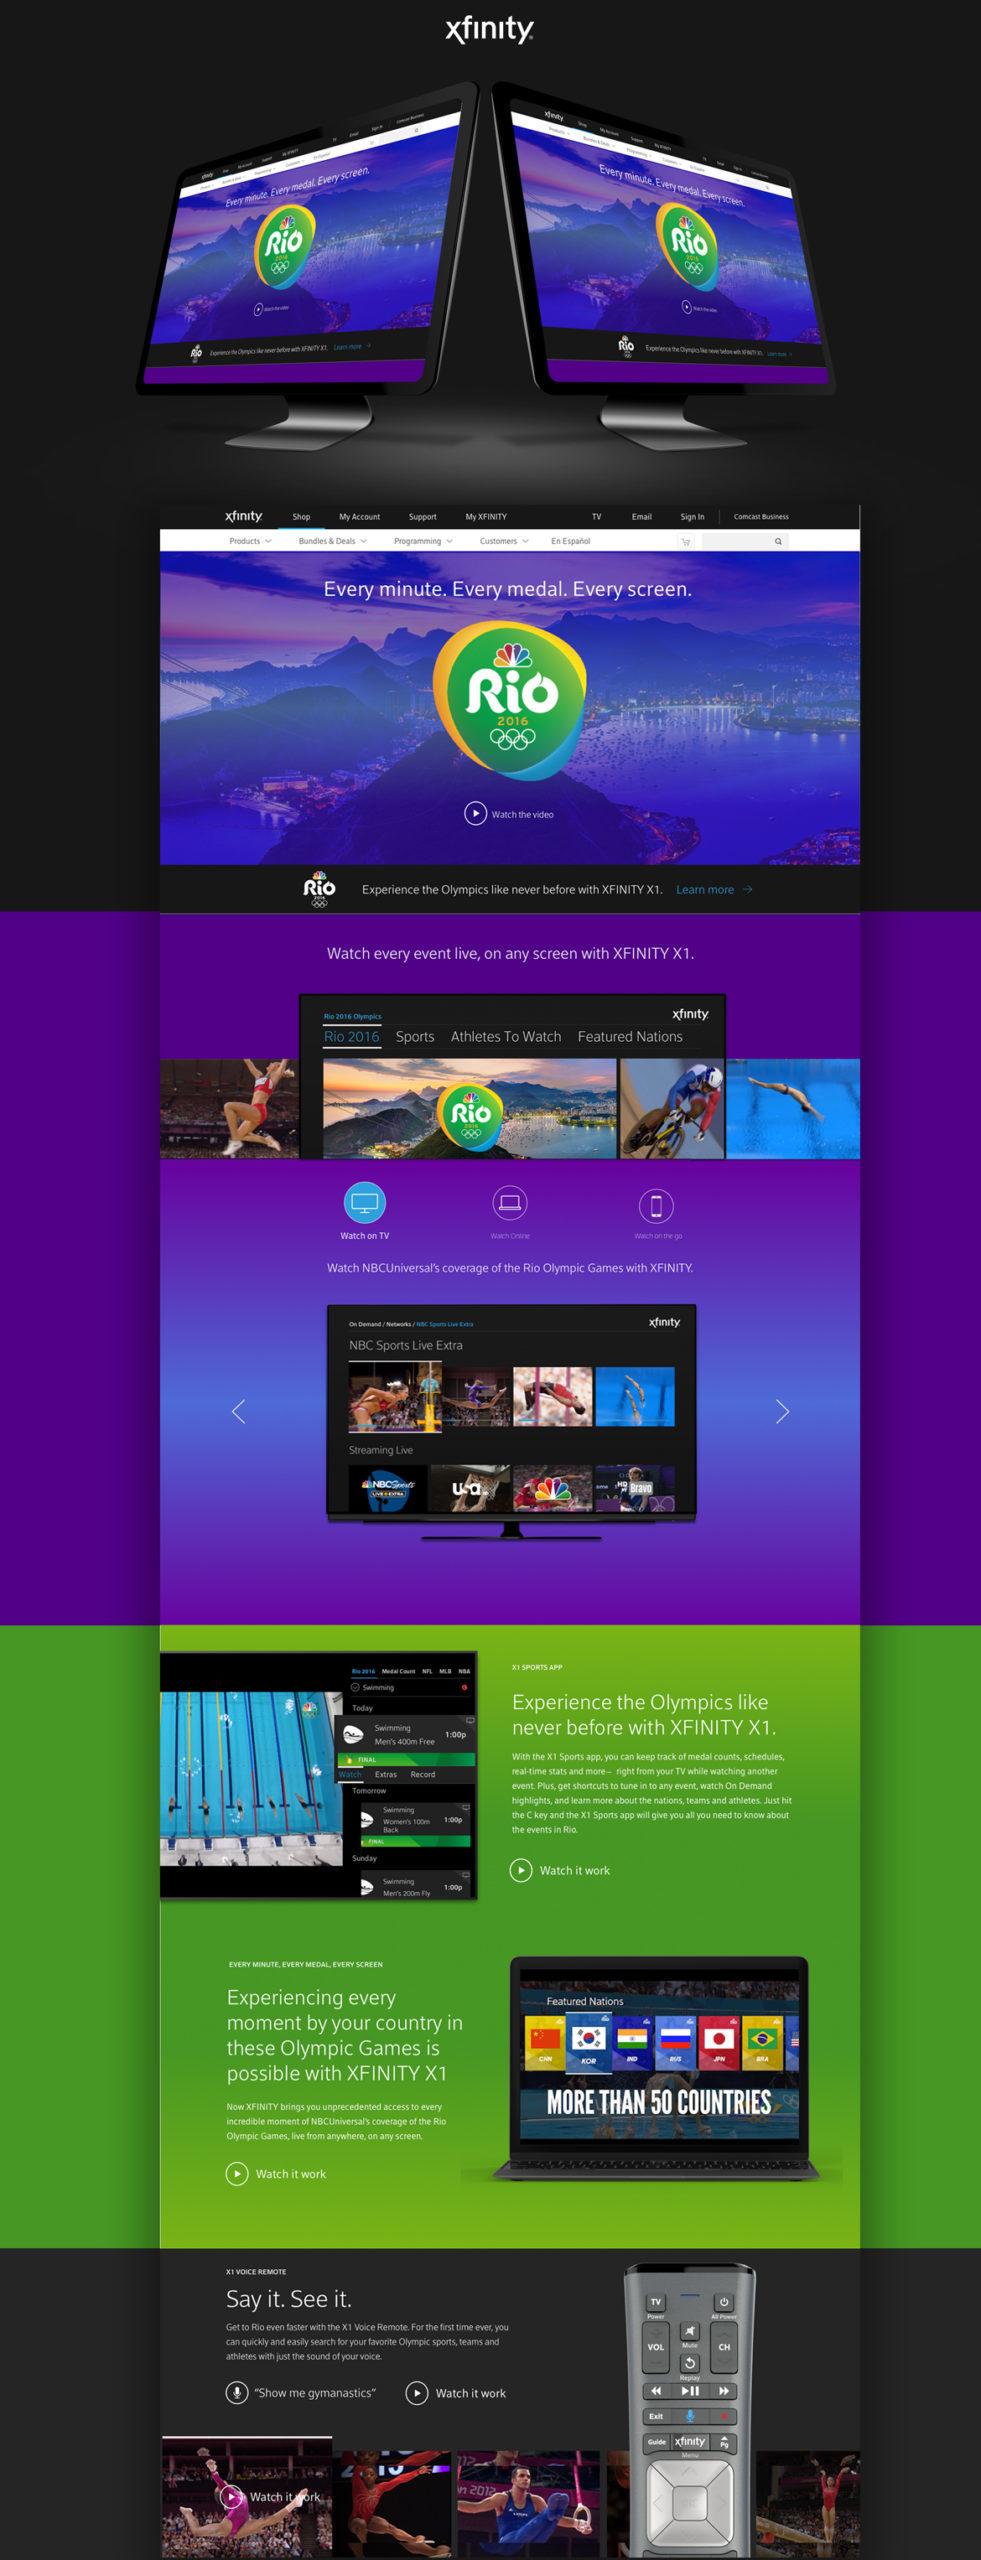 xfinity-comcast-x1-rio-olympics-page